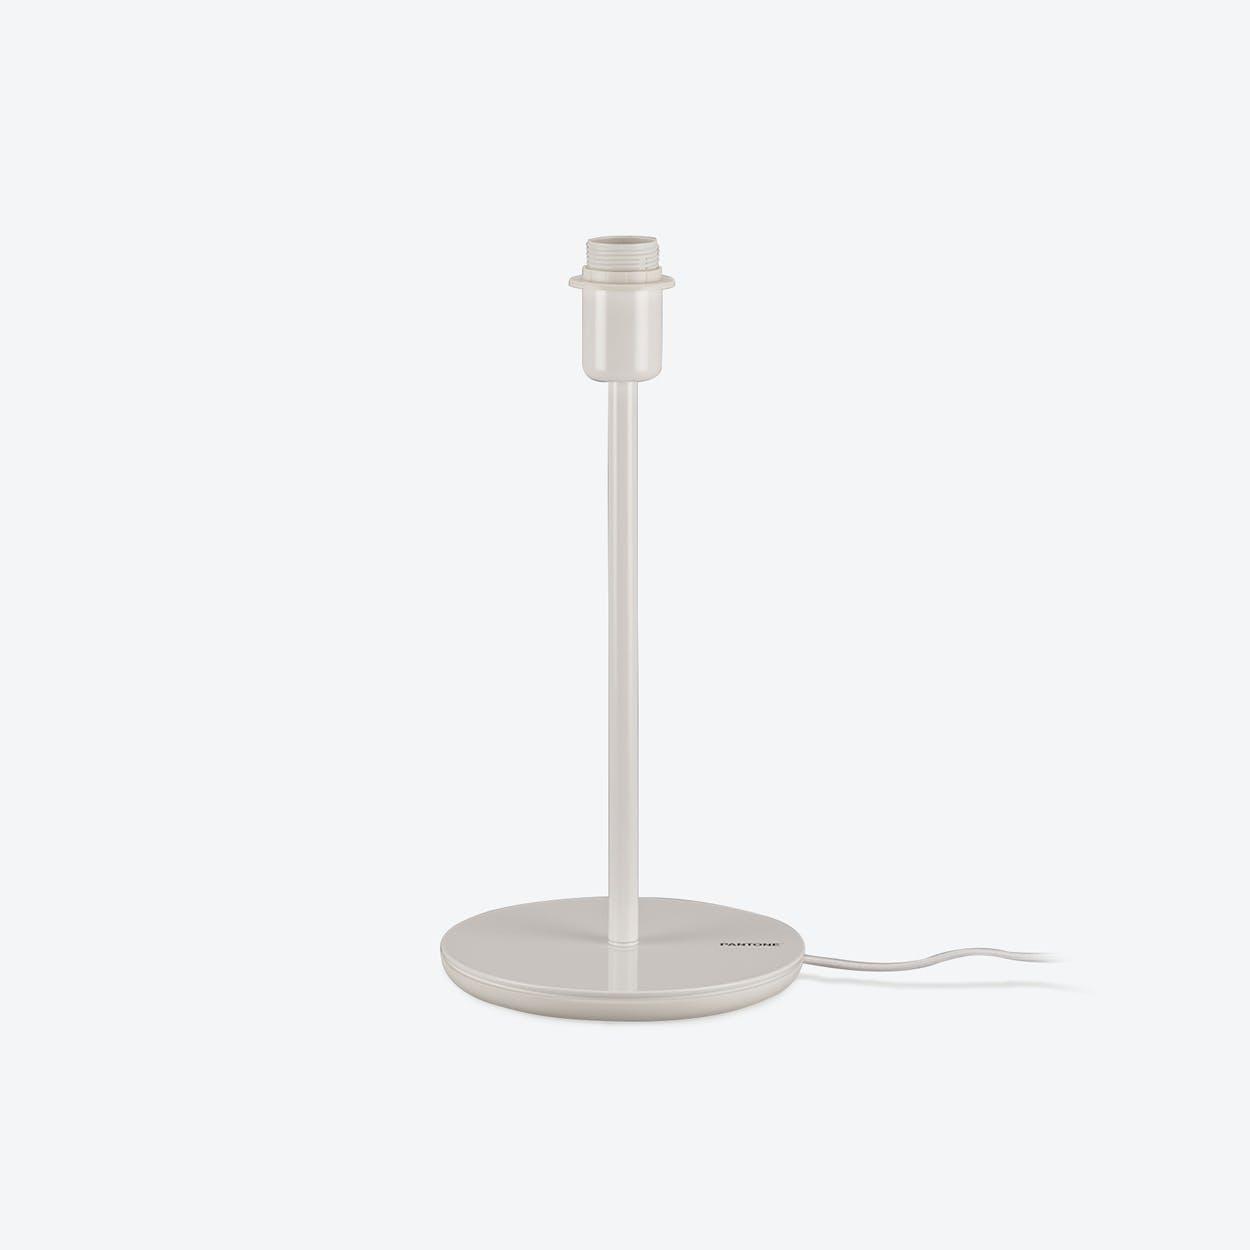 Capella Table Lamp in Brilliant White (EU)